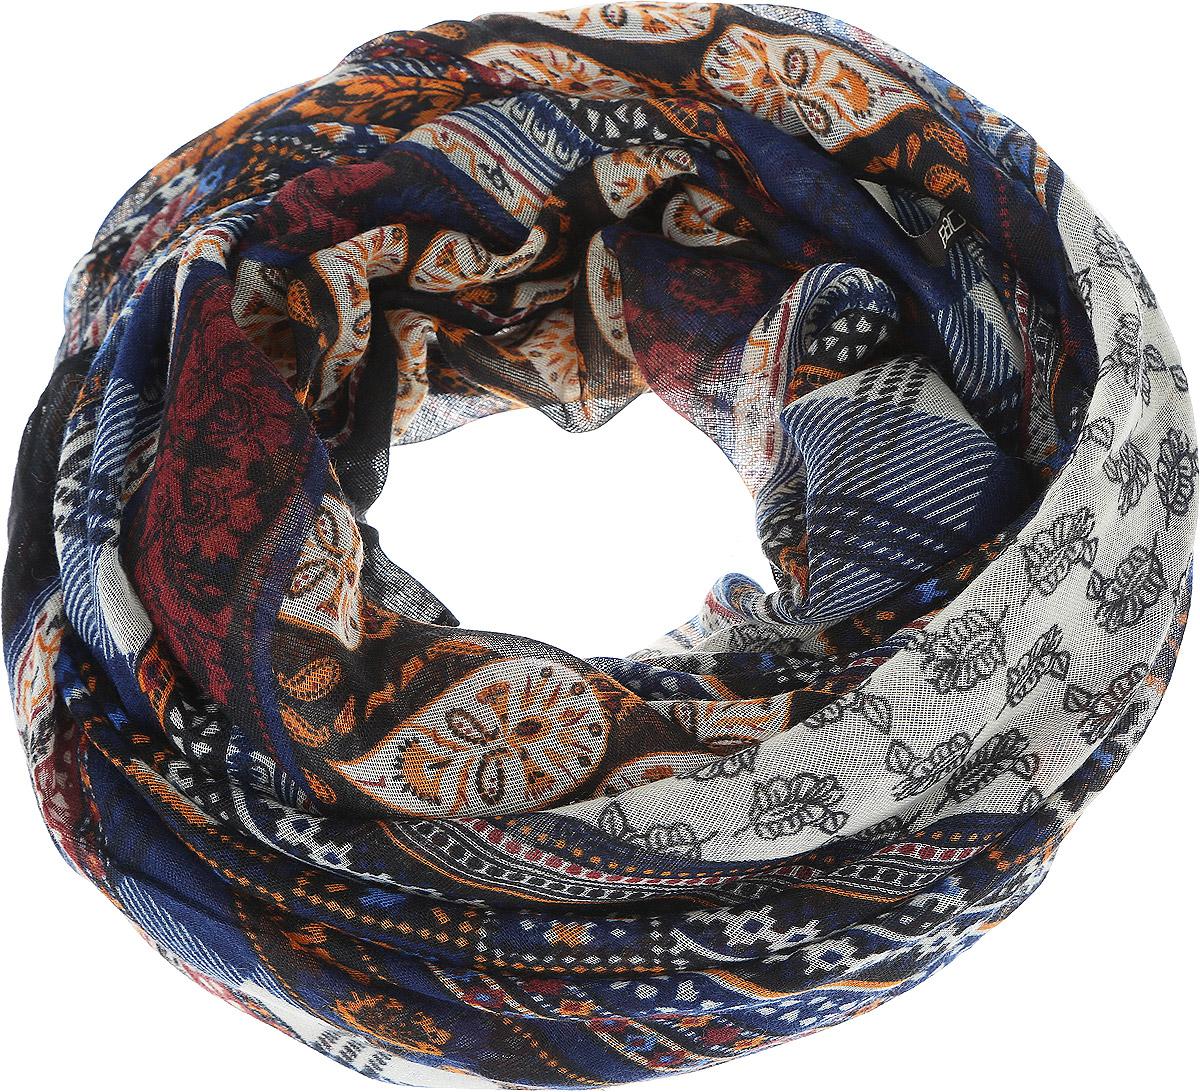 B313_Deep Forest PrintedМодный женский шарф Baon подарит вам уют и станет стильным аксессуаром, который призван подчеркнуть вашу индивидуальность и женственность. Легкий шарф выполнен из вискозы с добавлением шелка, он невероятно мягкий и приятный на ощупь. Шарф оформлен этническим орнаментом. Этот модный аксессуар гармонично дополнит образ современной женщины, следящей за своим имиджем и стремящейся всегда оставаться стильной и элегантной. Такой шарф украсит любой наряд и согреет вас в непогоду, с ним вы всегда будете выглядеть изысканно и оригинально.